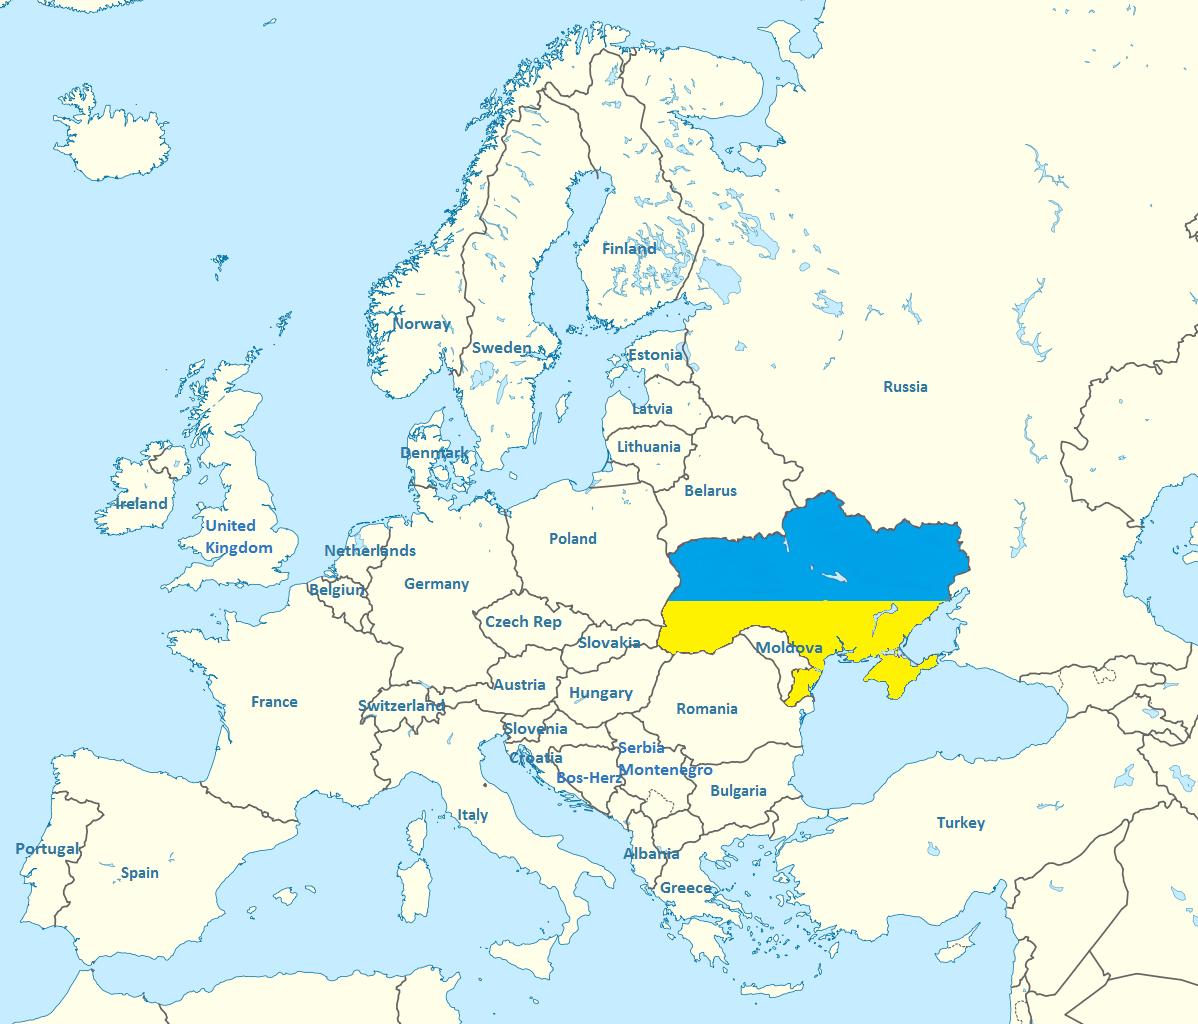 Ukraine On Map Of Europe.Ukraine John Bruton